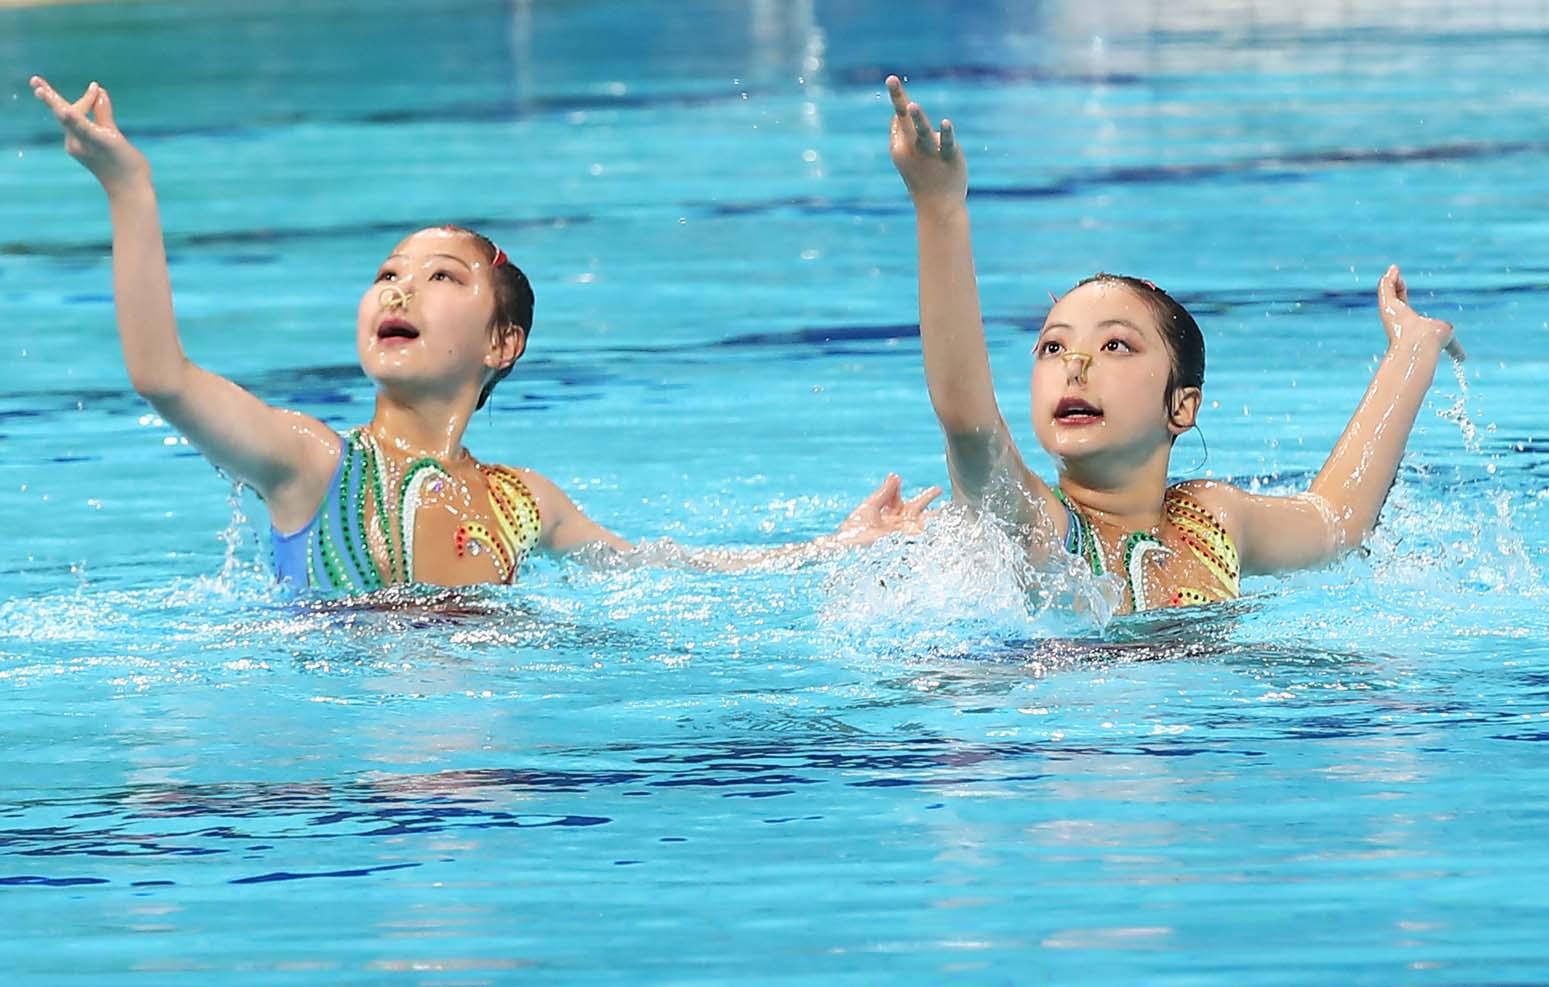 十四运花样游泳测试赛在奥体中心游泳跳水馆举行